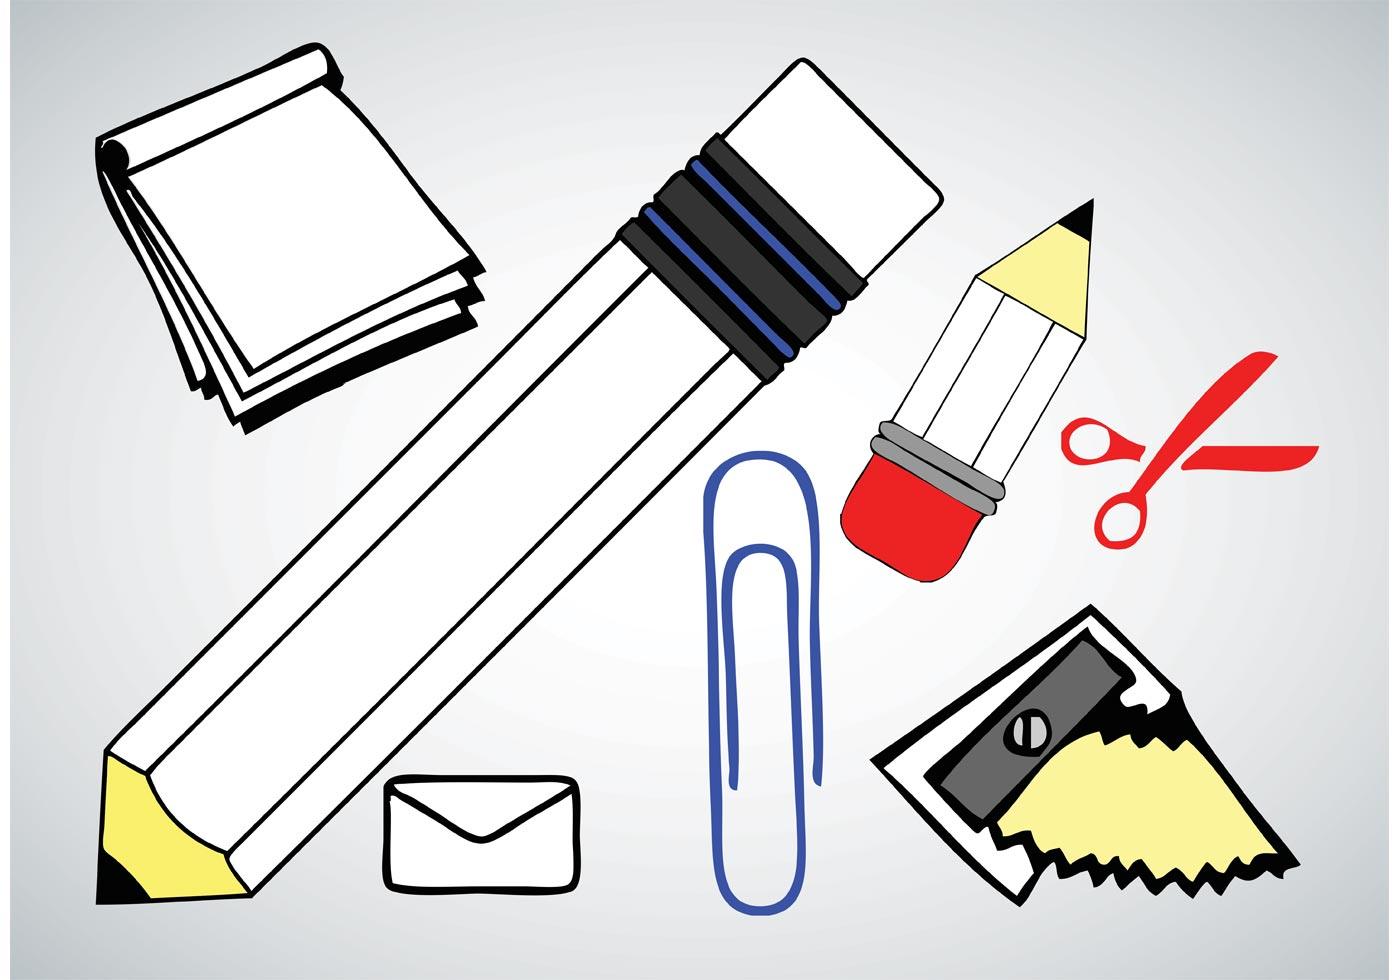 School Vector Icons - Download Free Vector Art, Stock ...